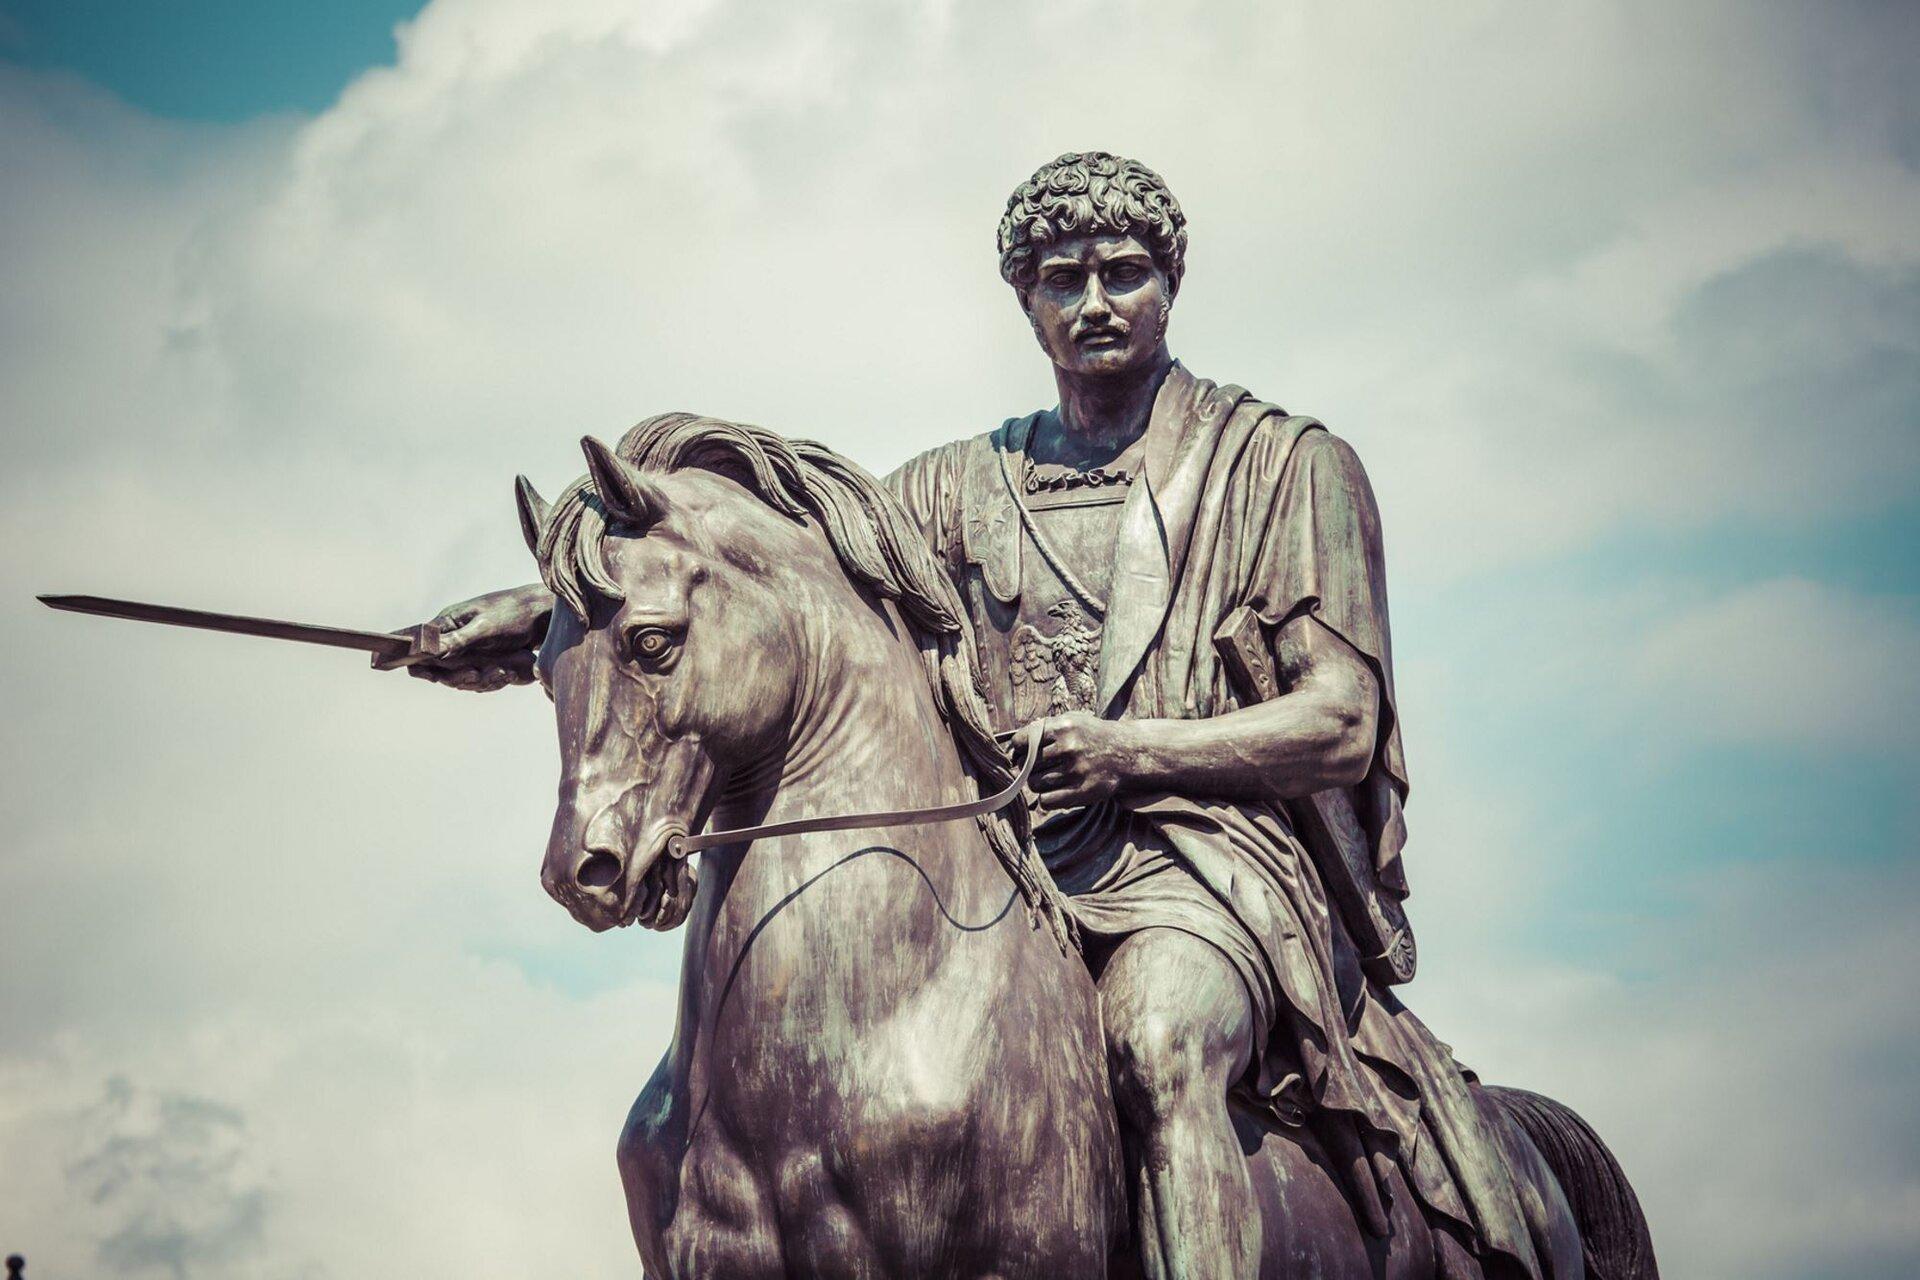 """Ilustracja przedstawia dzieło Bertela Thorvaldsena """"Pomnik księcia Józefa Poniatowskiego"""", ustawioną na postumencie. Ukazuje mężczyznę siedzącego na koniu. Wlewym ręku trzyma uprząż. Jego głowa jest lekko obrócona wlewo. Za pomnikiem tło wypełnia błękitne niebo."""